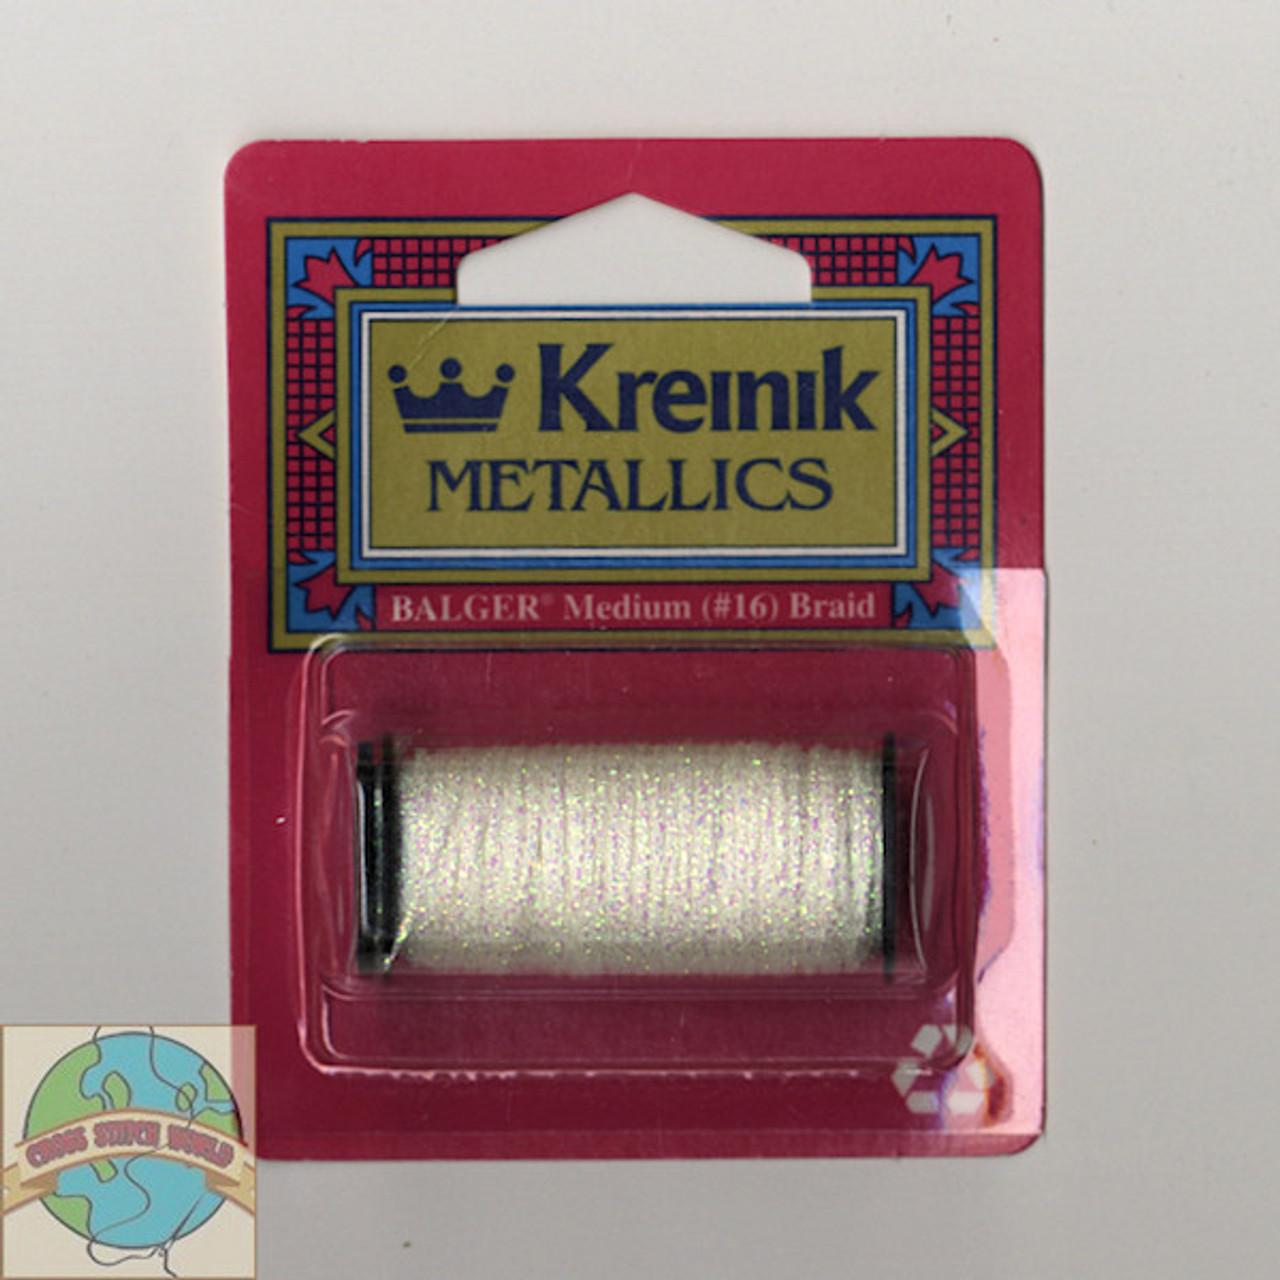 Kreinik Metallics - Medium #16 Pearl #032